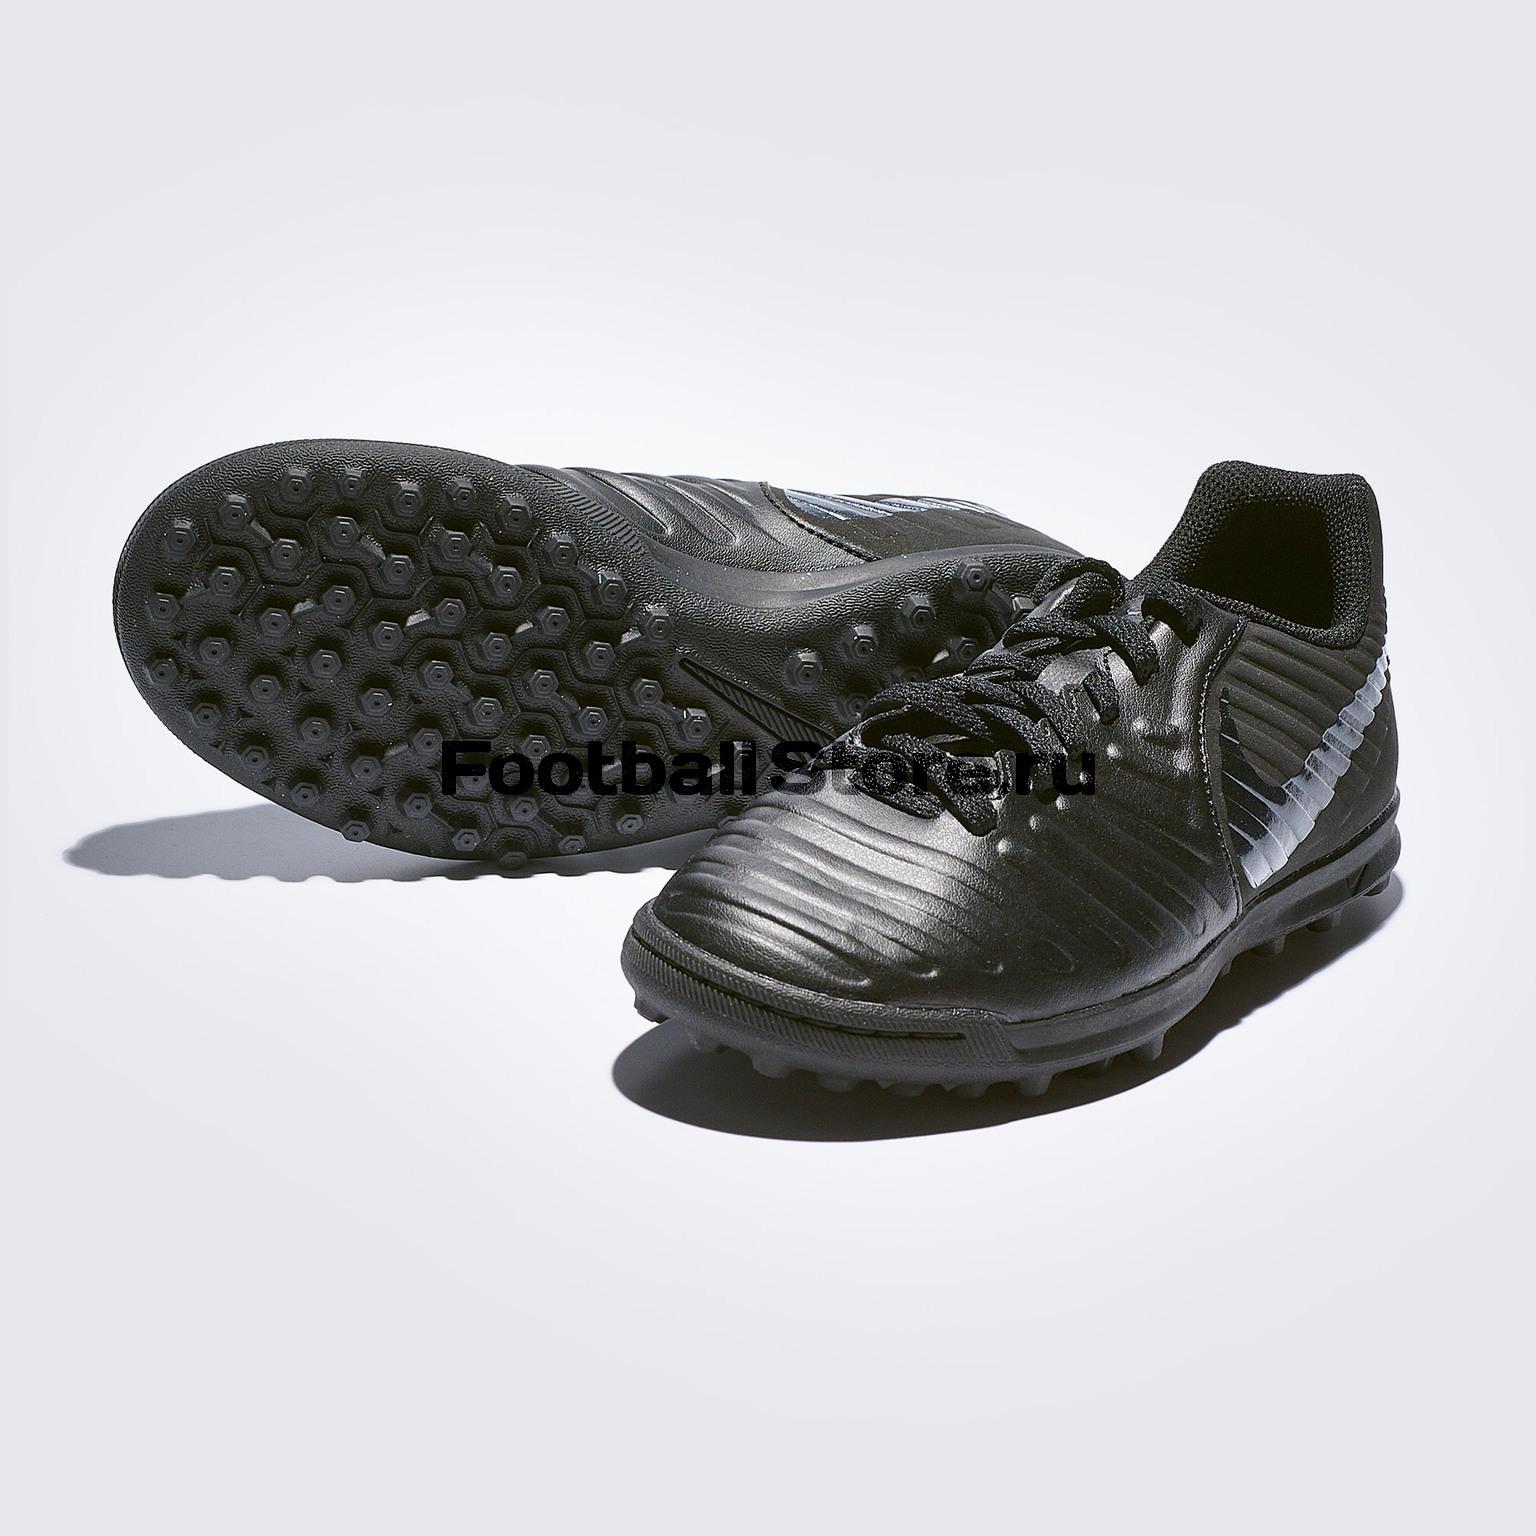 Шиповки детские Nike LegendX Club TF AH7261-001 шиповки nike lunar legendx 7 pro tf ah7249 080